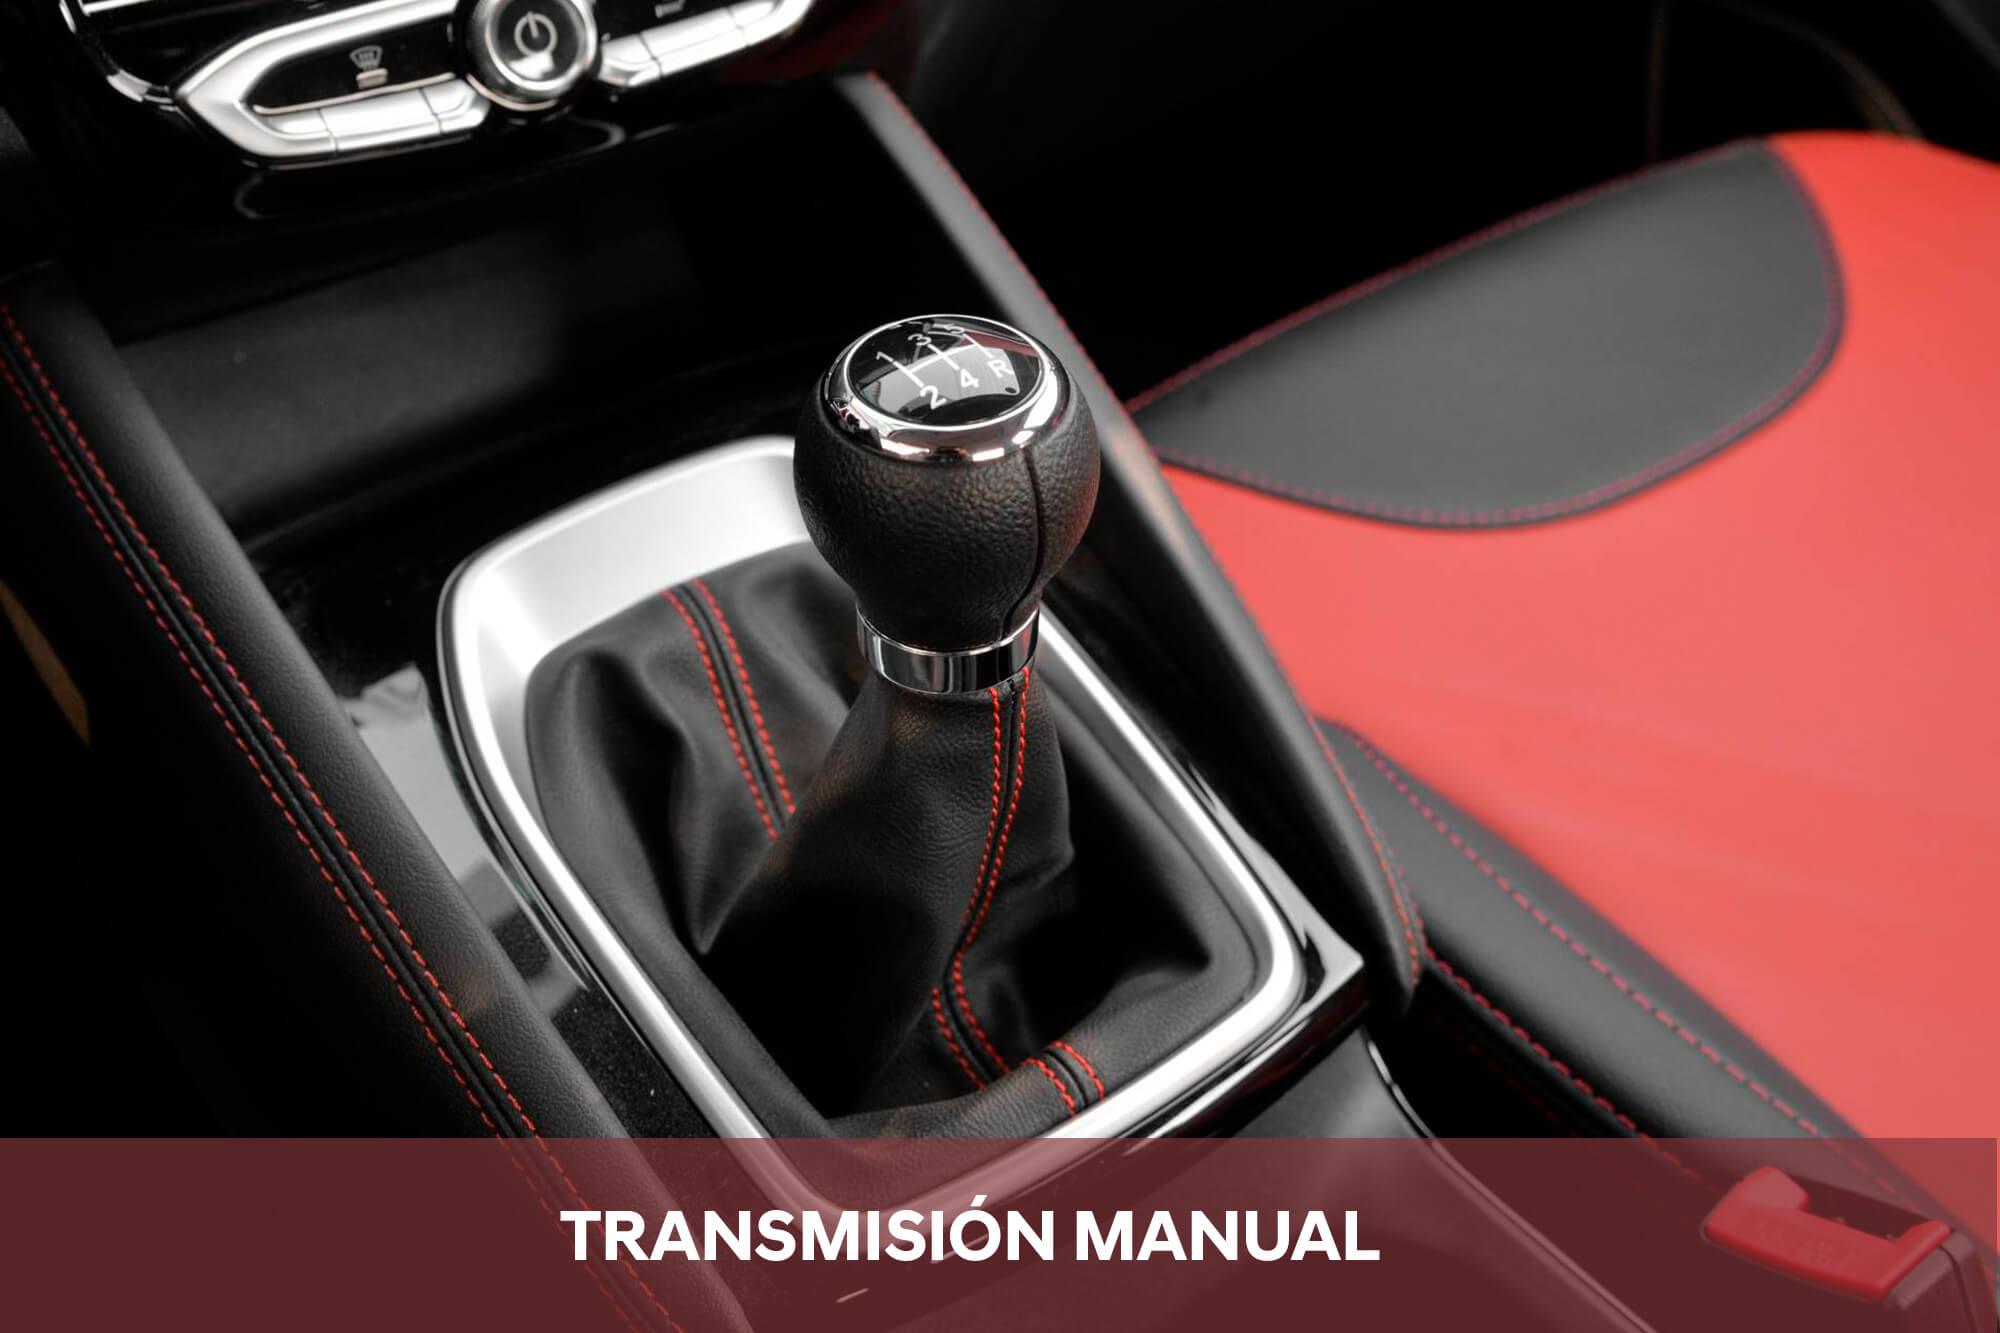 Transmisión de 5 velocidades manual